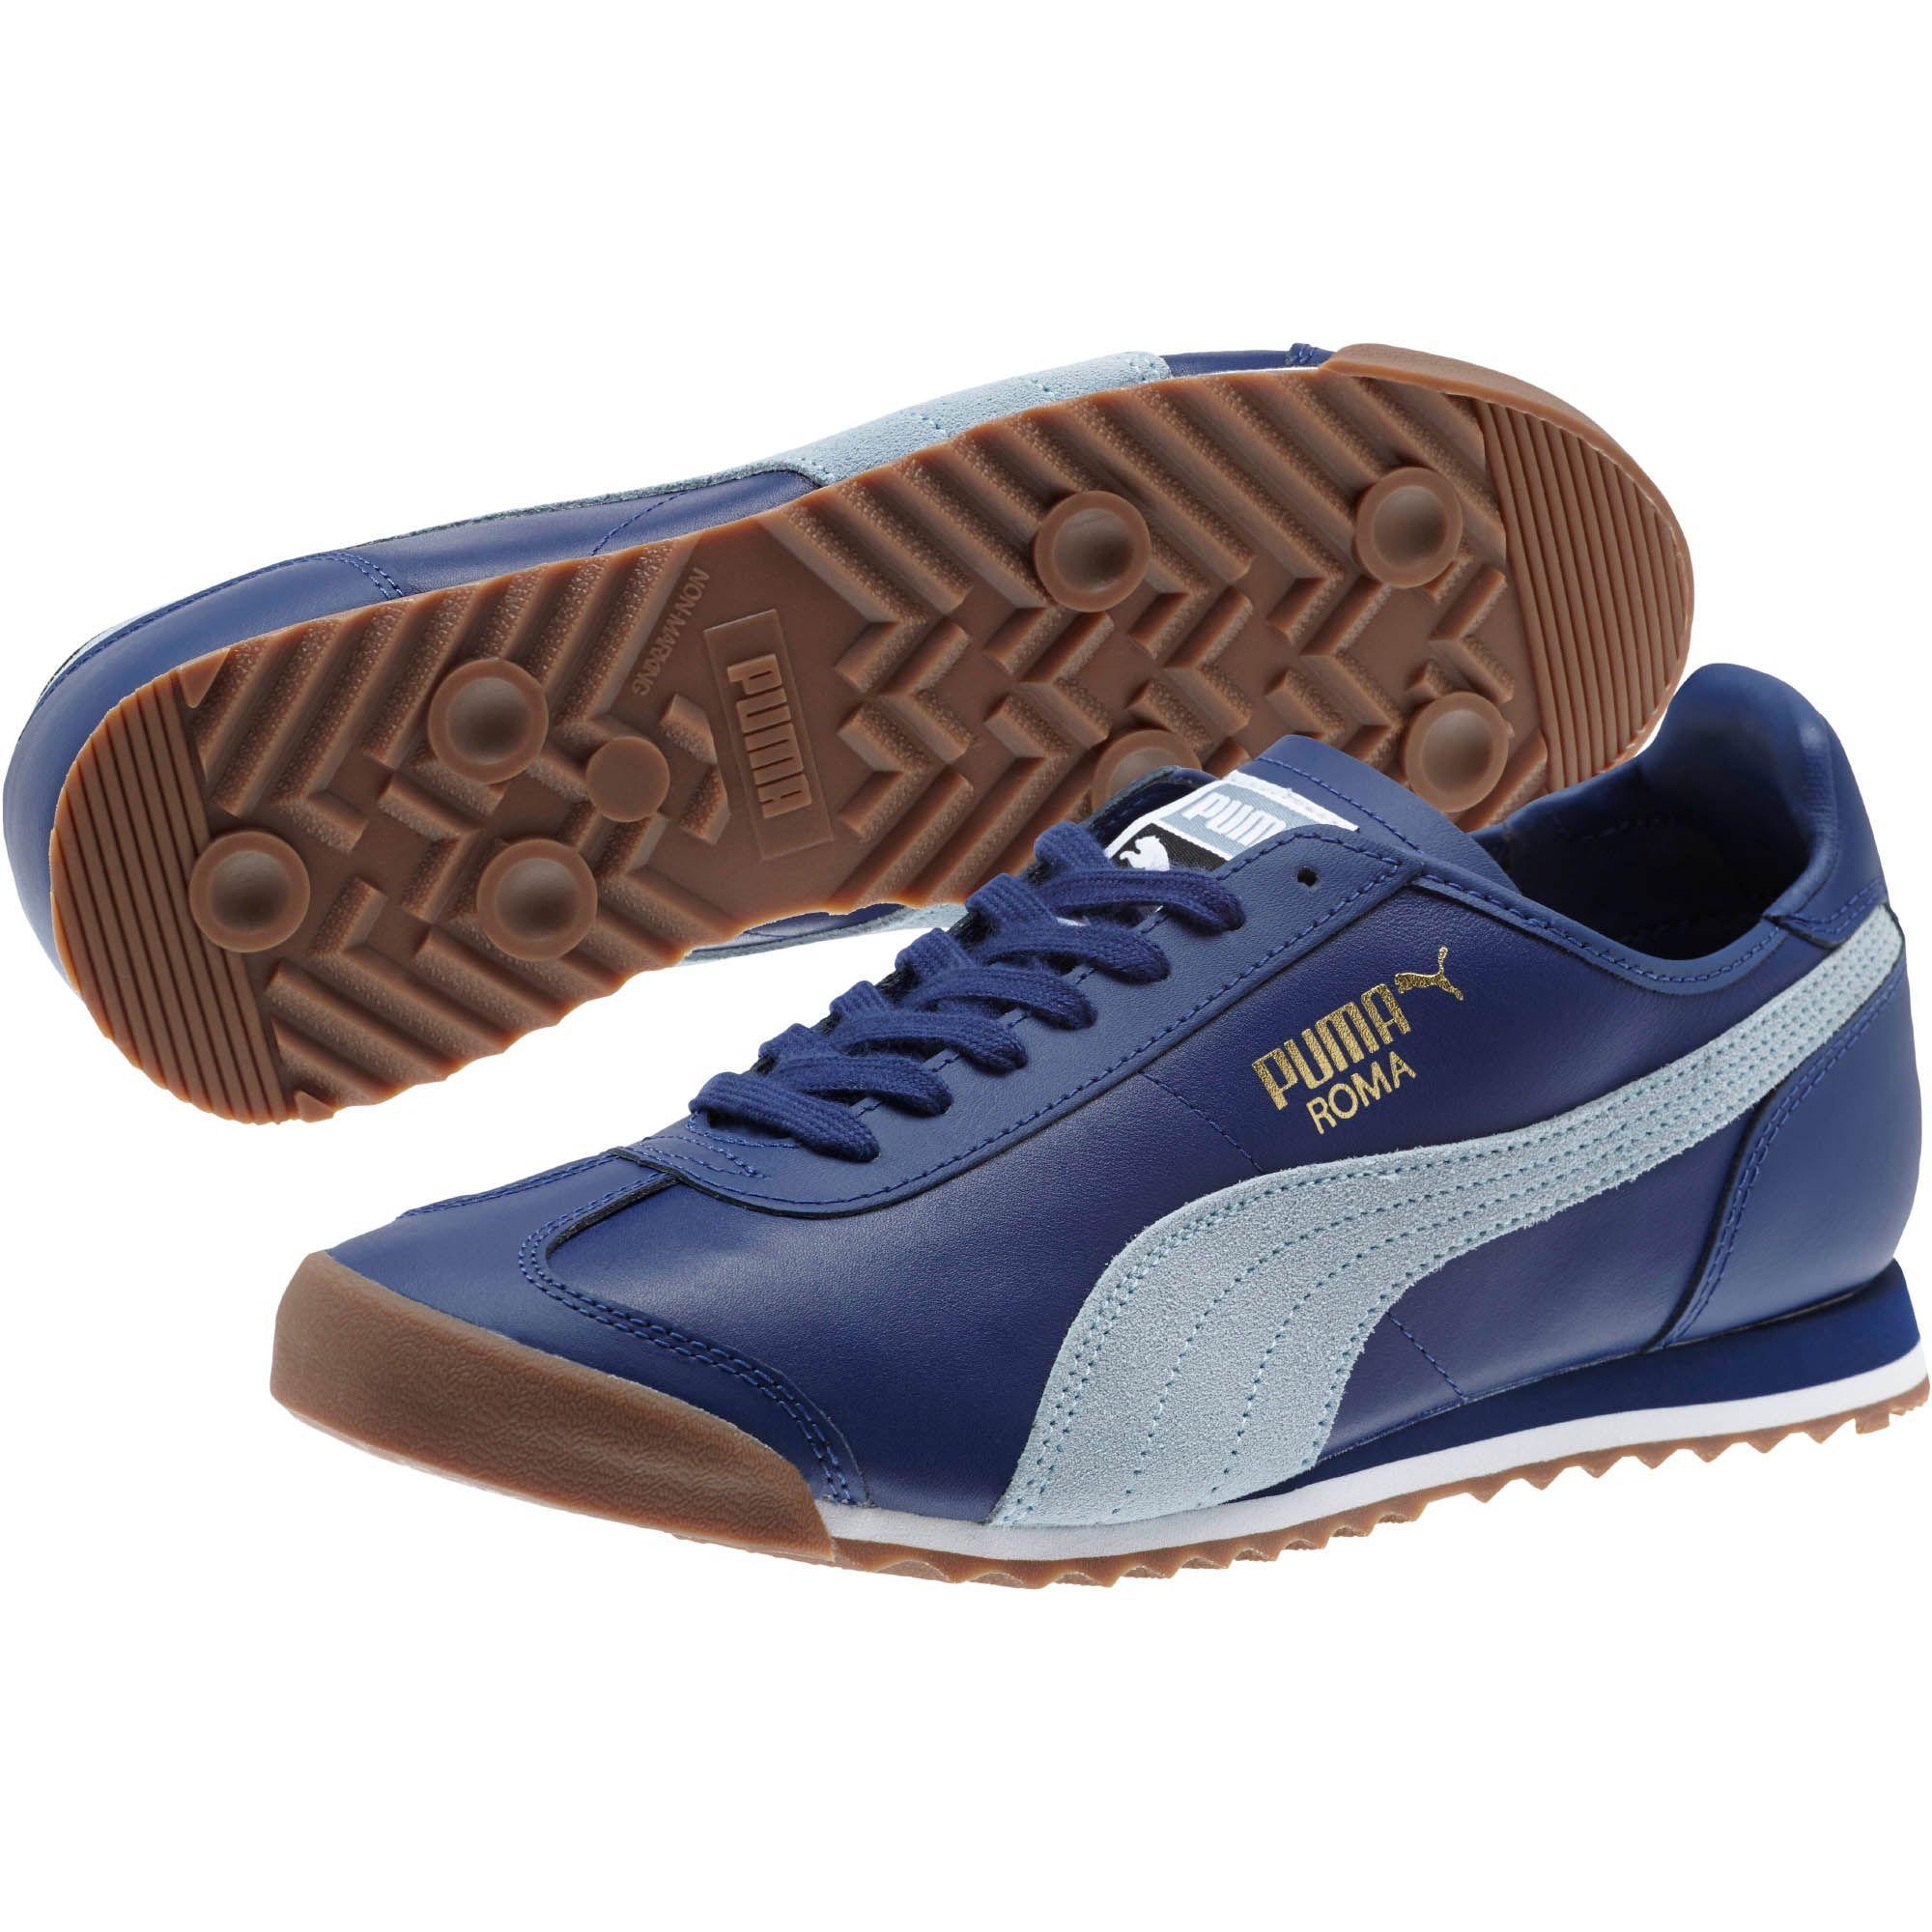 0c1b94cf893e36 Lyst - PUMA Roma Og 80 s Men s Sneakers in Blue for Men